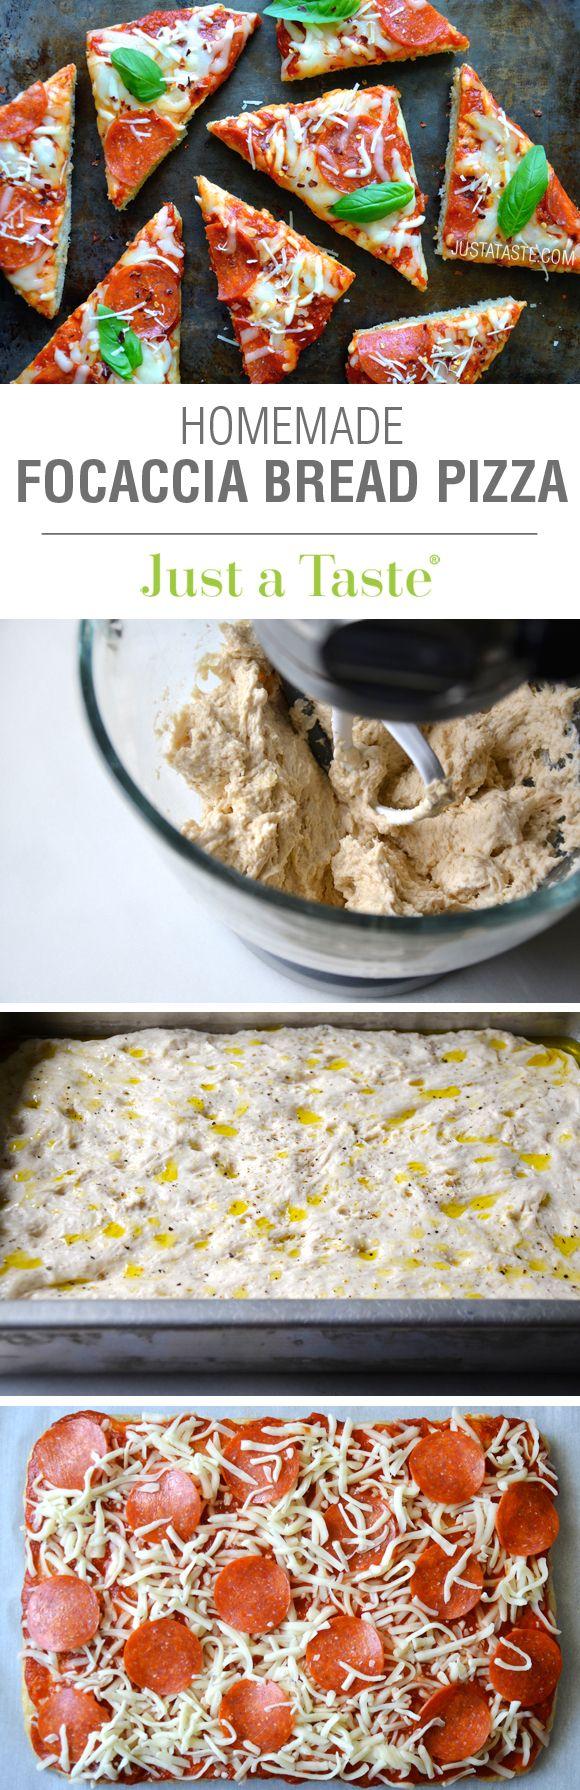 Homemade Focaccia Bread Pizza #recipe on justataste.com